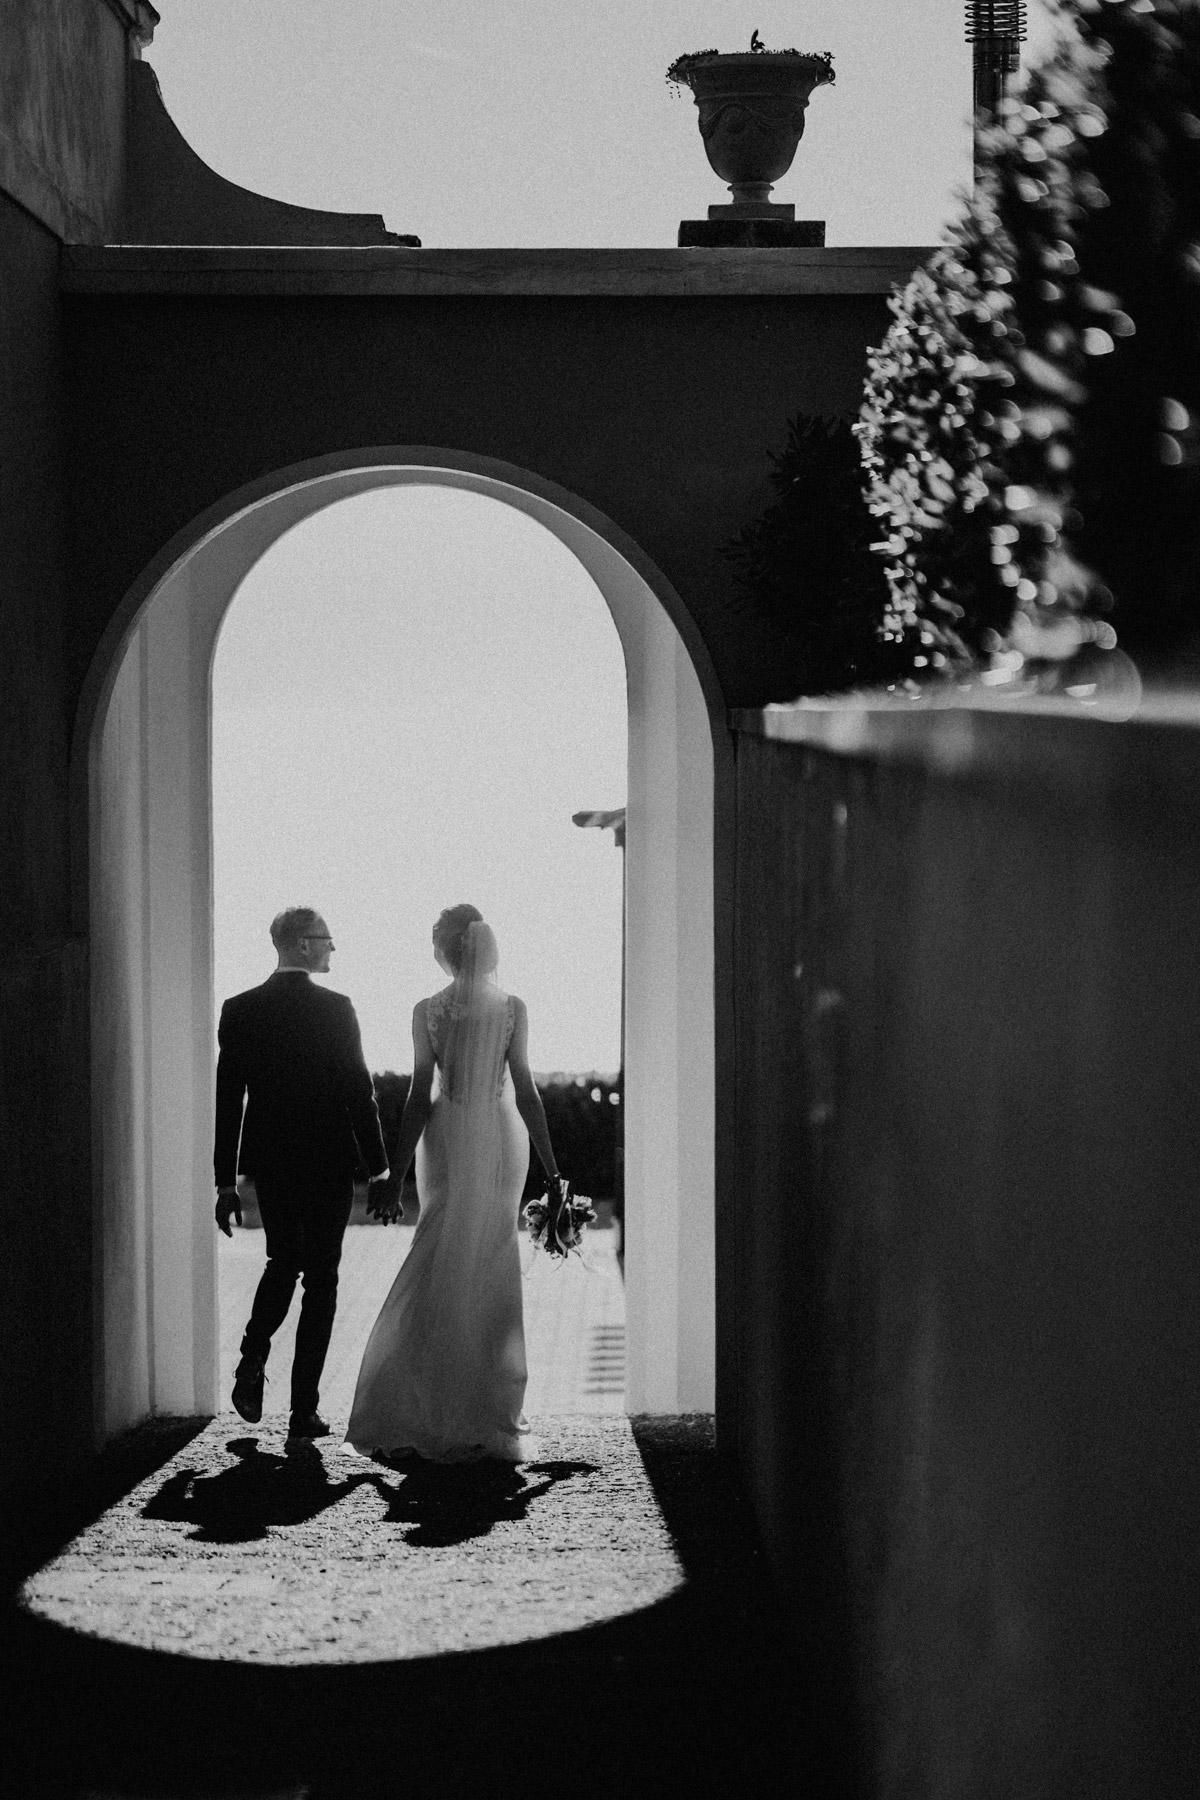 Hochzeitsfoto Idee ausgefallen Schwarz Weiß Brautpaar von hinten, noch mehr Hochzeitsbilder Ideen vom Brautpaarshooting der Strandhochzeit in Toskana von #hochzeitslicht Hochzeitsfotos und Hochzeitsfilm © www.hochzeitslicht.de mediterran heiraten #hochzeitsfoto #brautpaar #standesamt